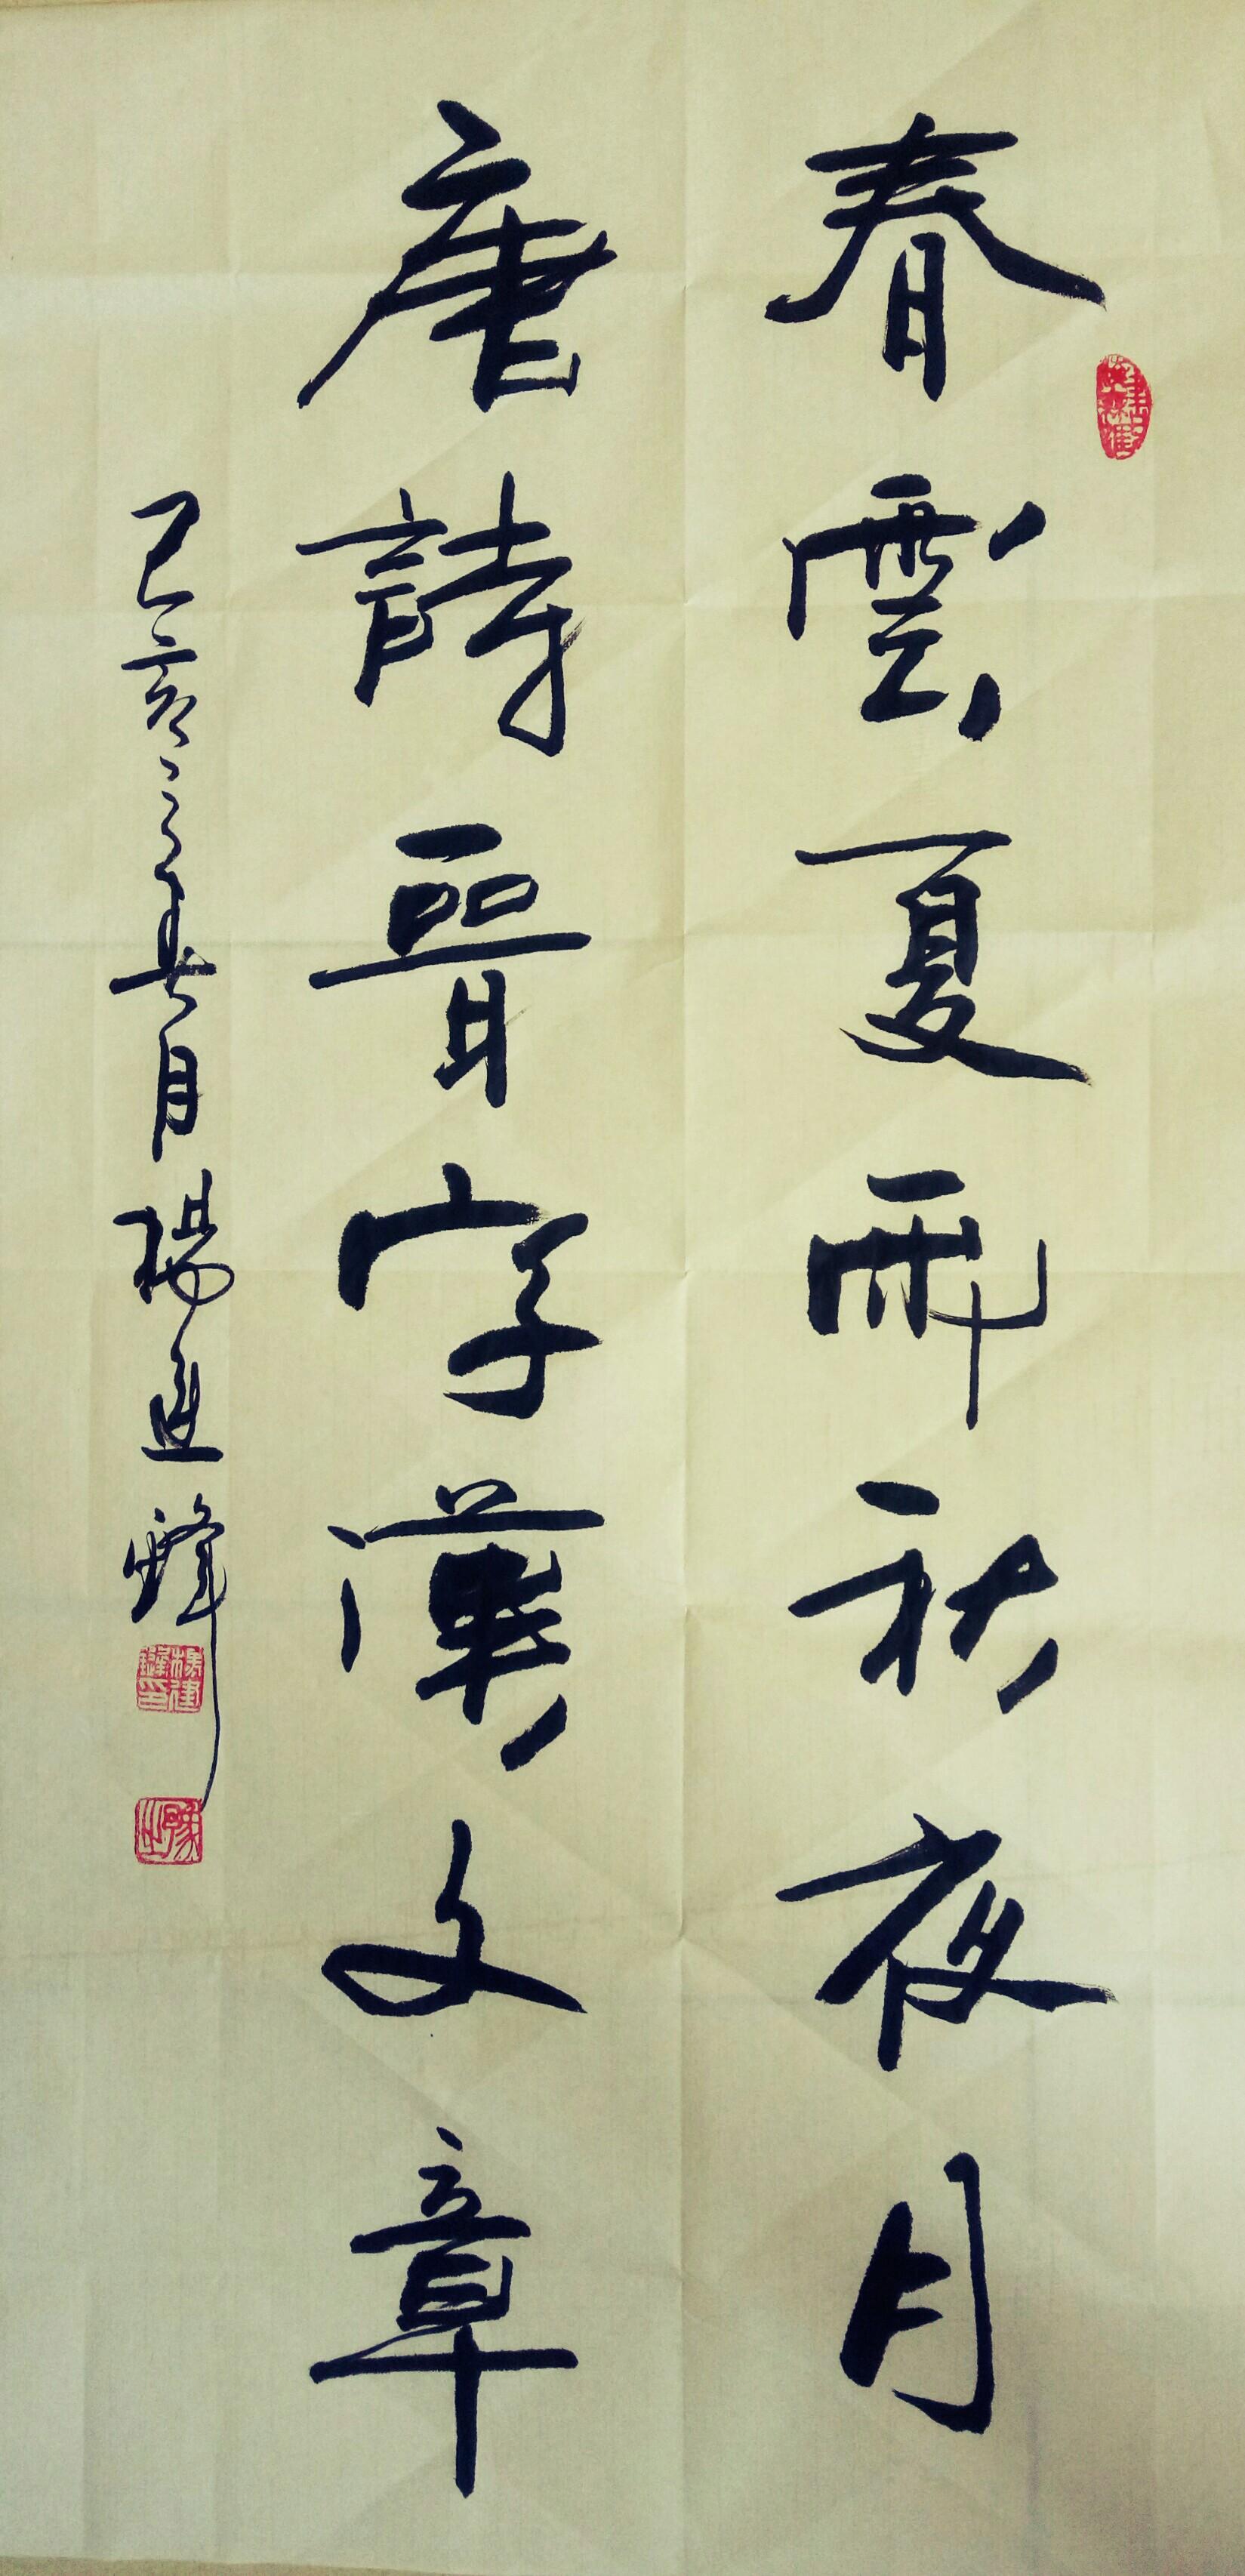 博取众长 自成风格记著名书法家杨建锋